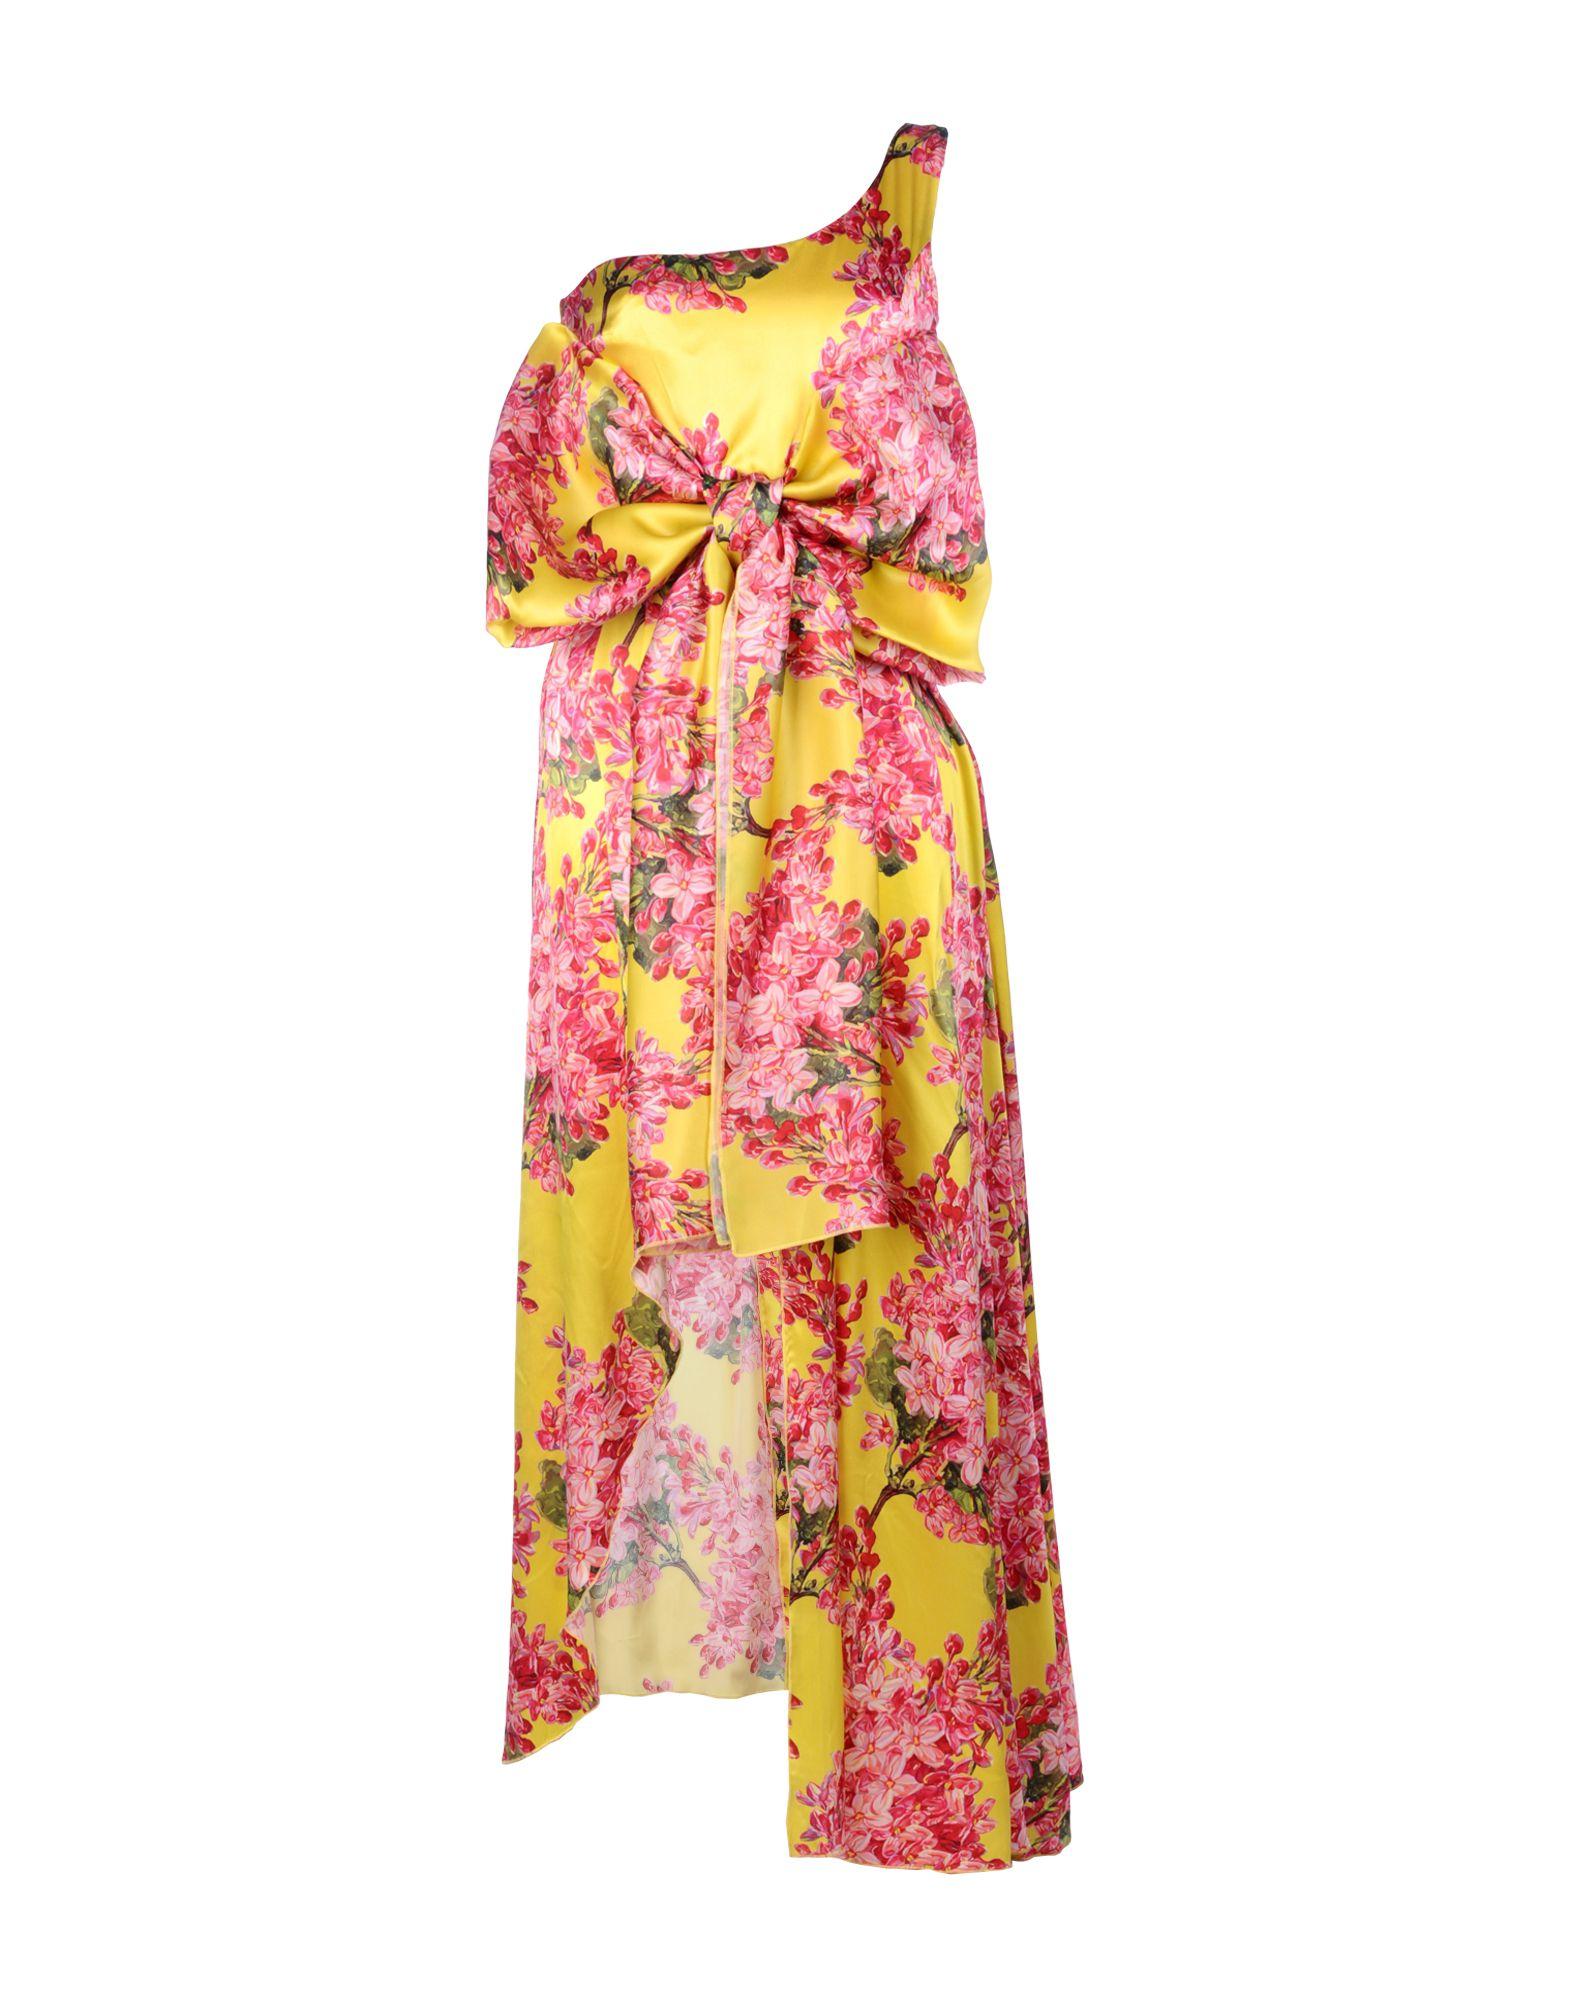 LEITMOTIV Damen Langes Kleid Farbe Gelb Größe 4